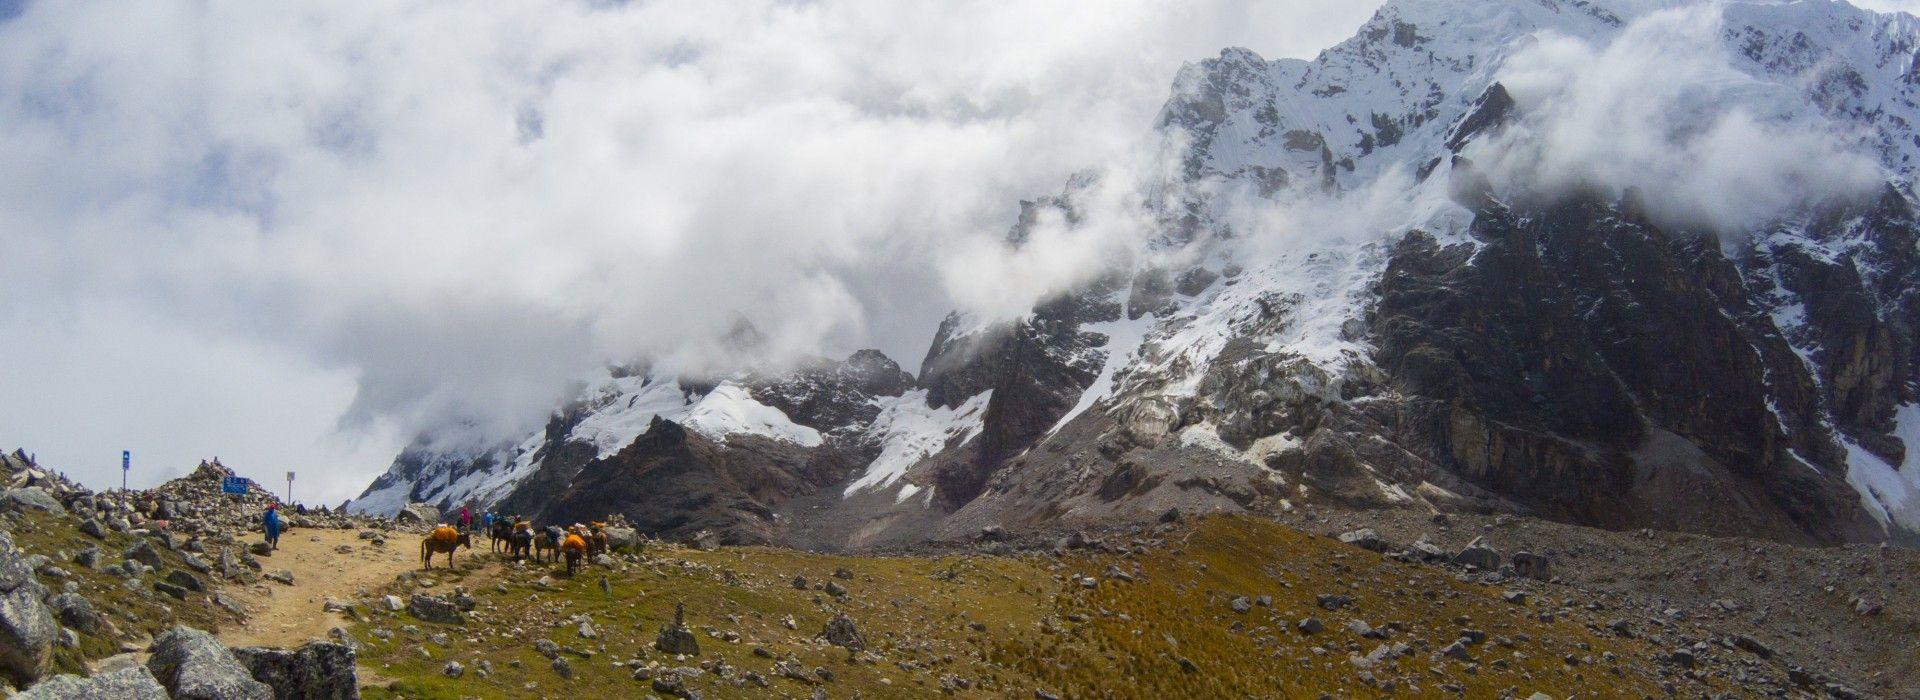 Amazon Peru Tours